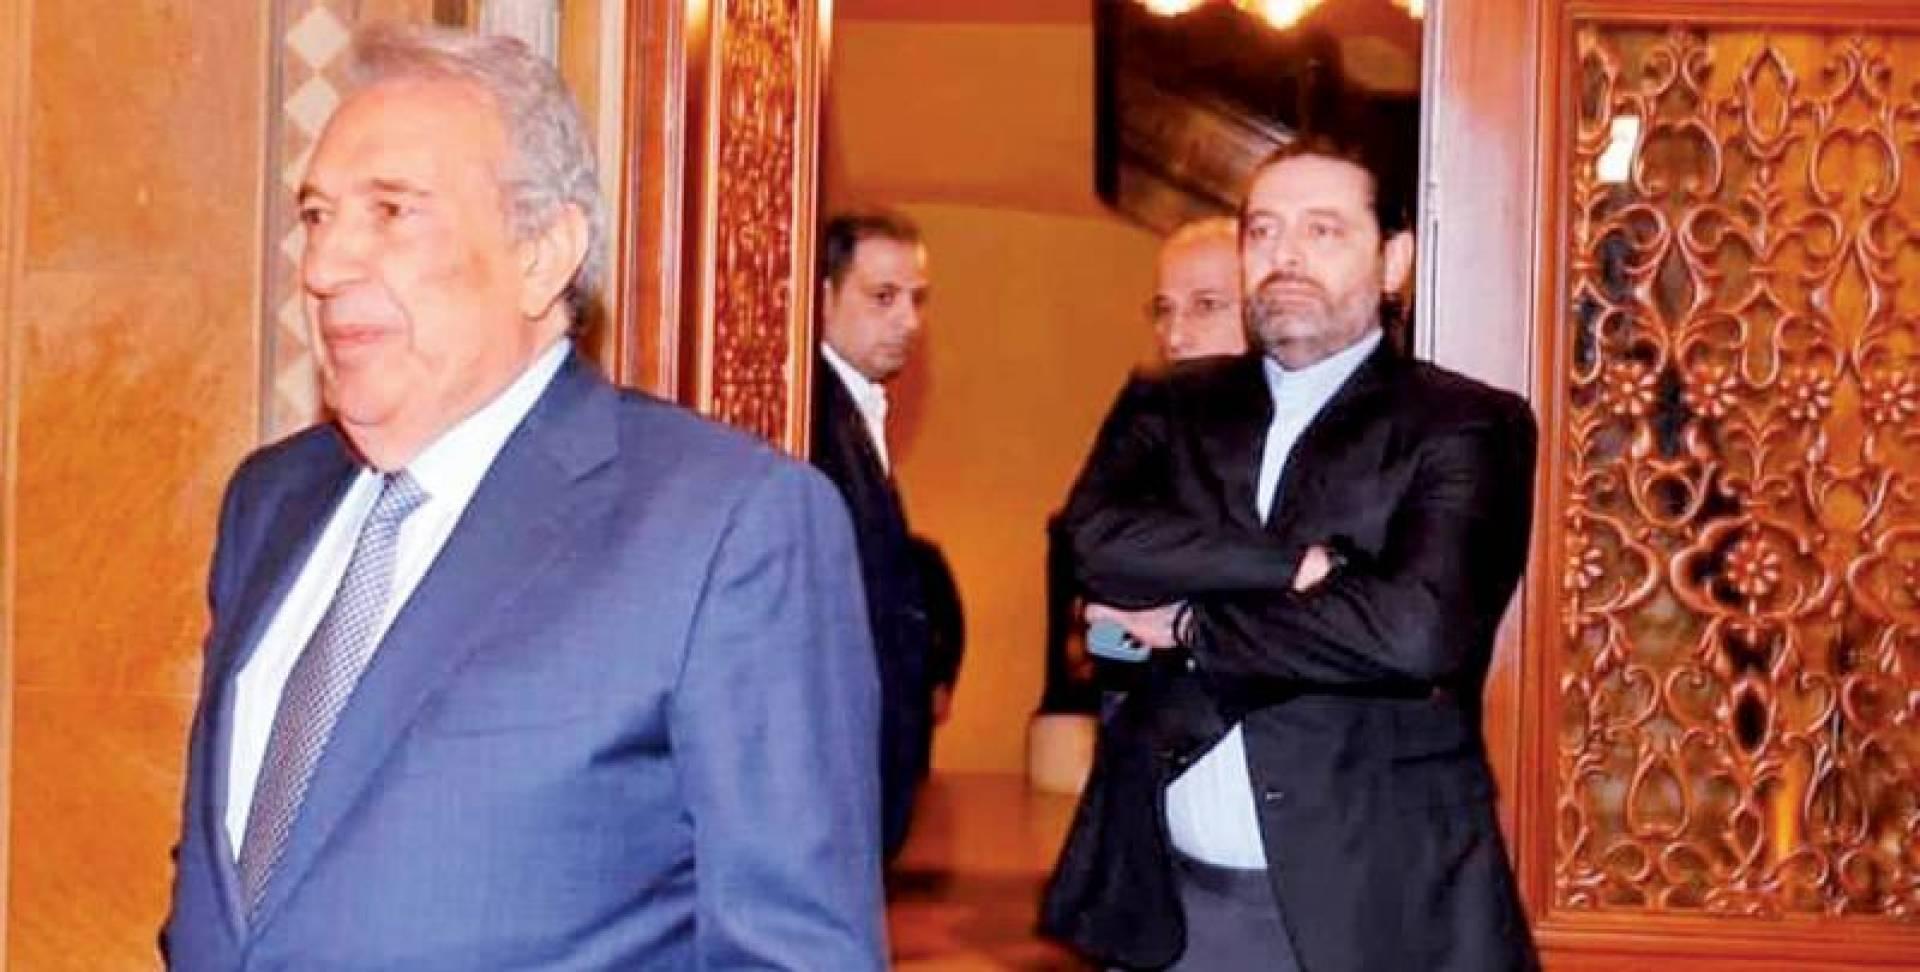 الخطيب مغادرا بيت الوسط بعد لقائه الحريري واعلان انسحابه من السباق | انترنت